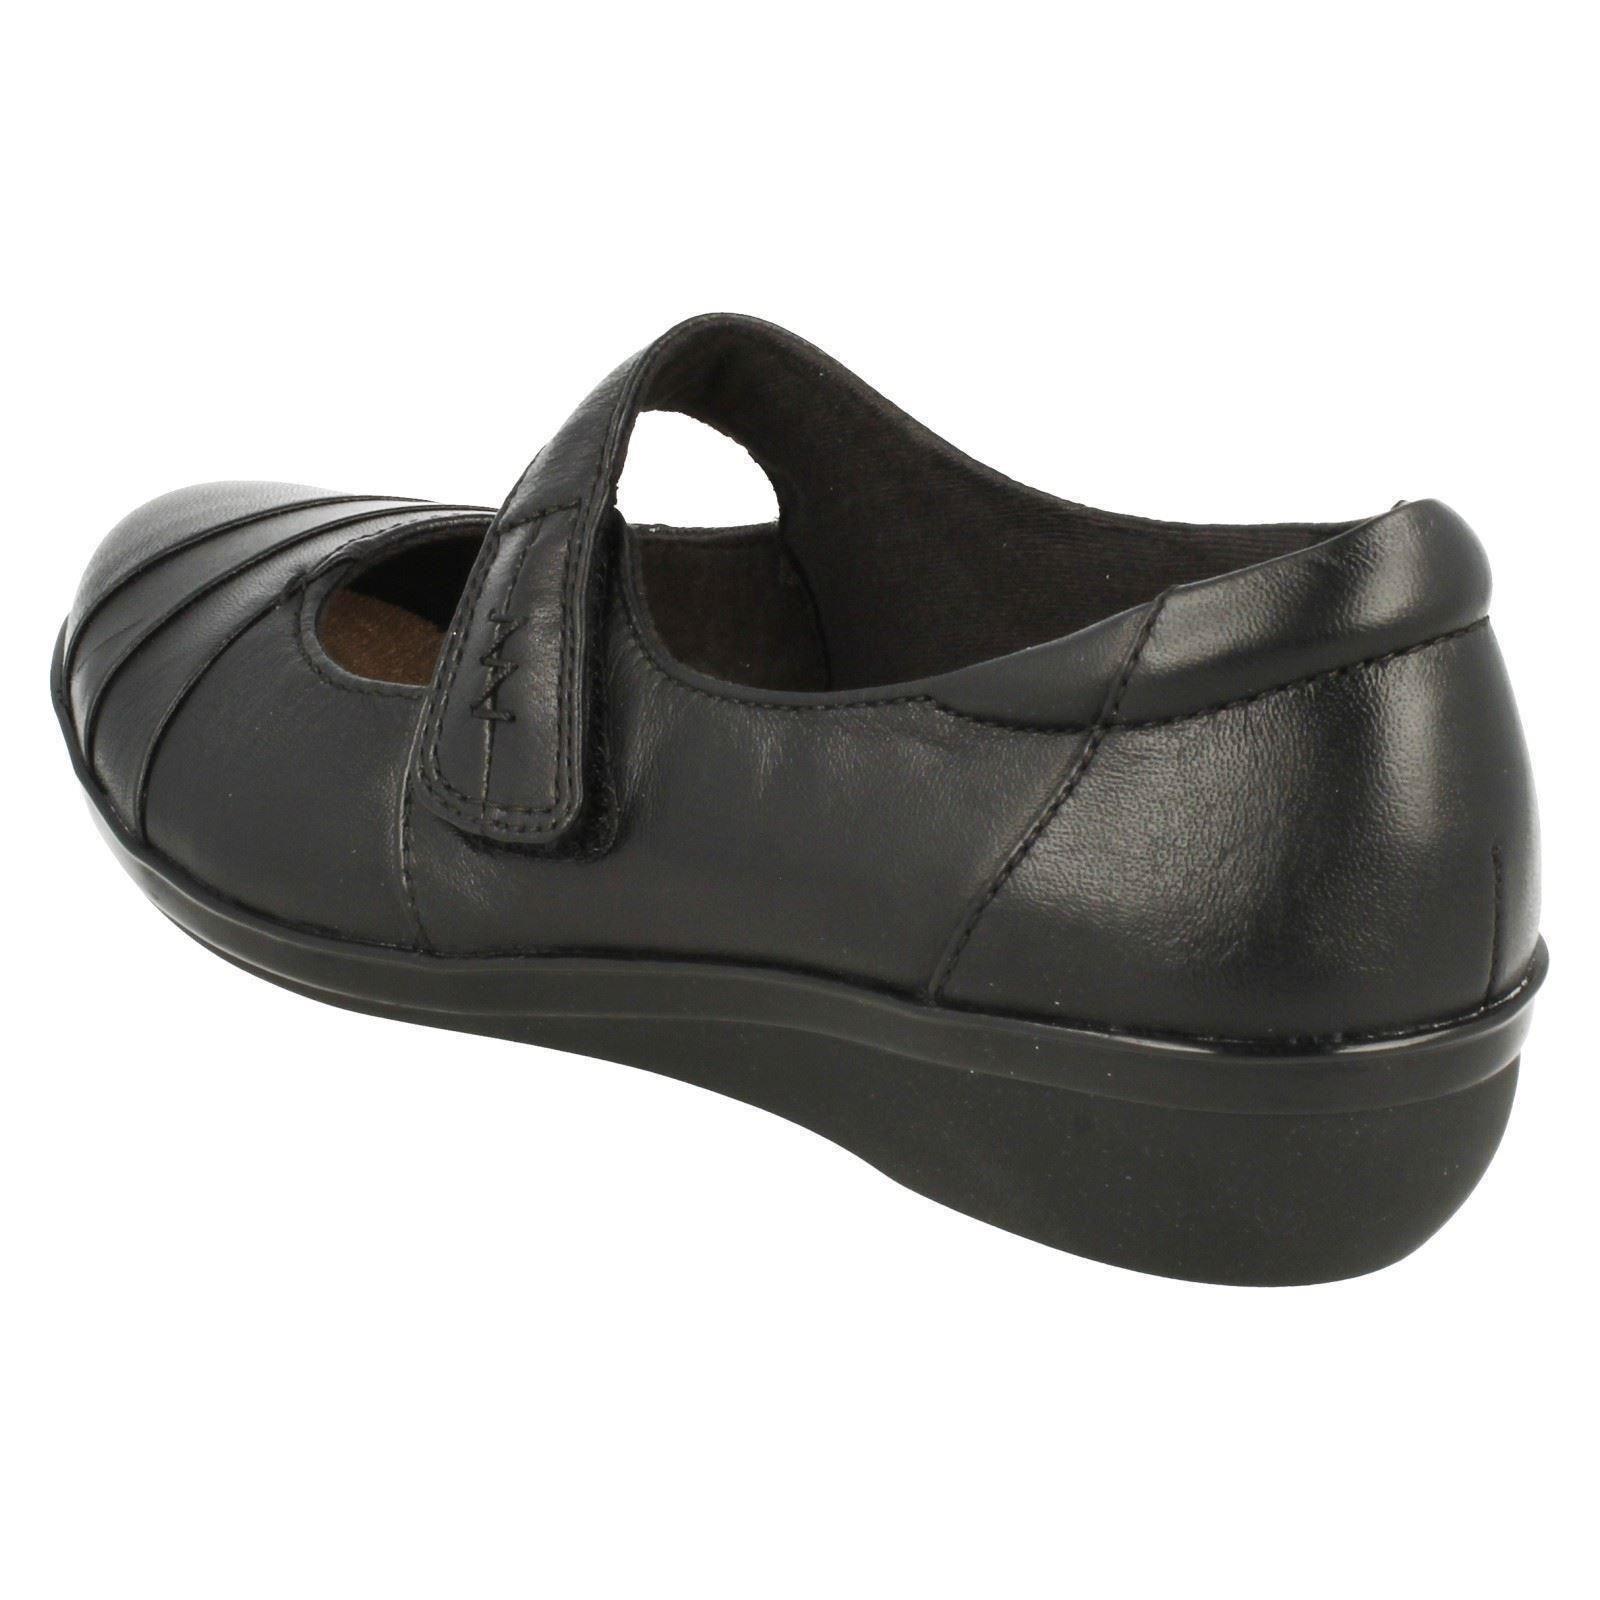 Zapatos De Cuero Damas Clarks Cojín & Suave Hook & Cojín Loop Inteligente - 'everlay Kennon' 81d9f9